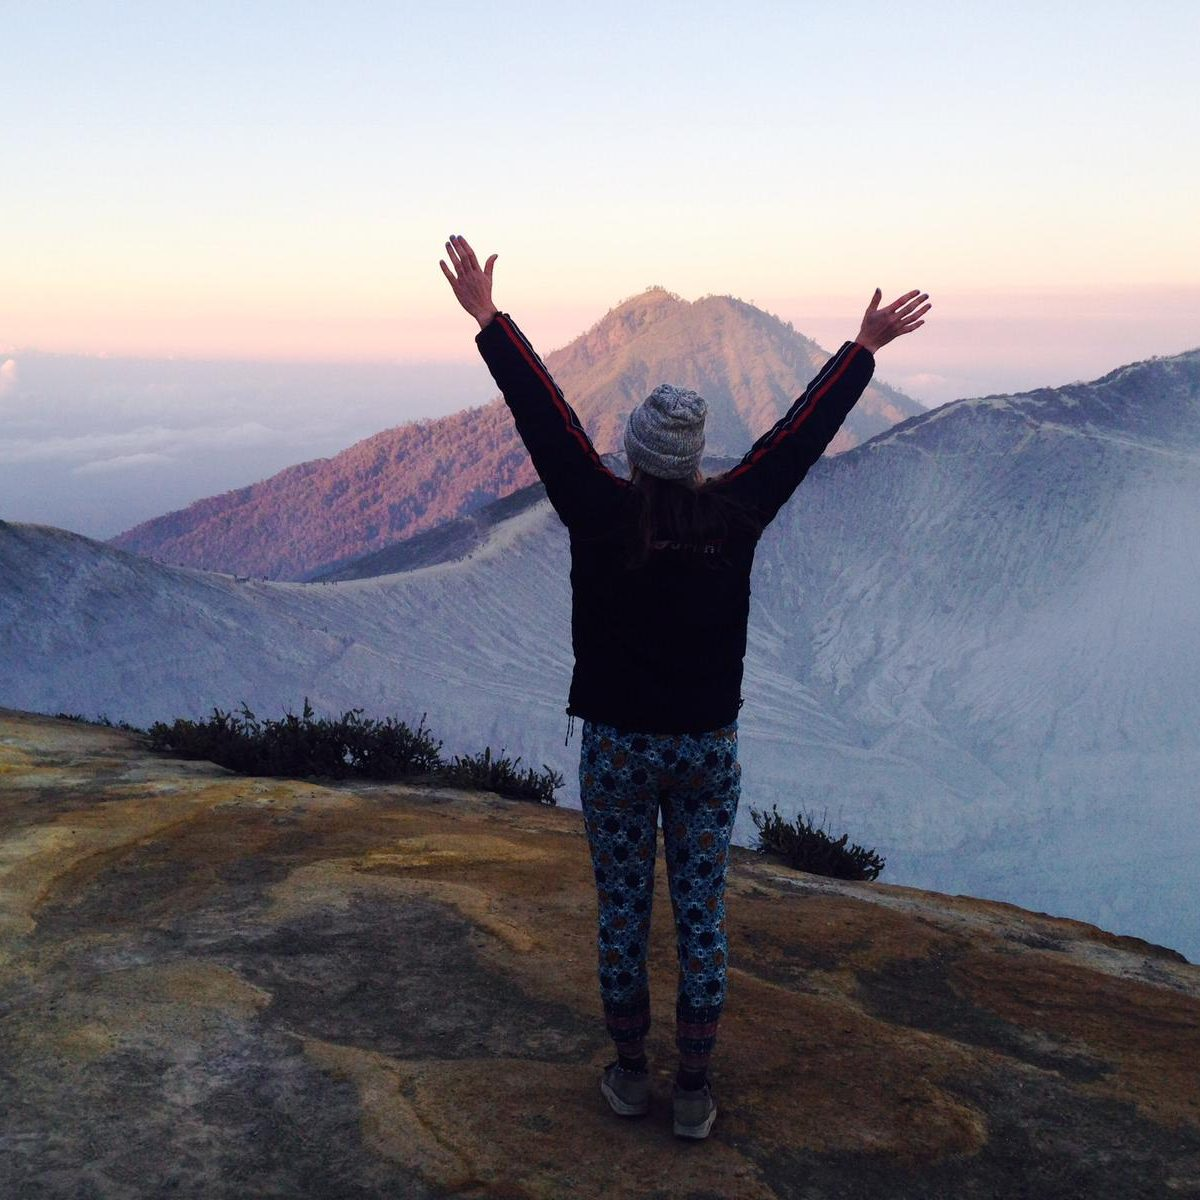 Een overwinning voor mij was het beklimmen van de Ijen vulkaan op Java